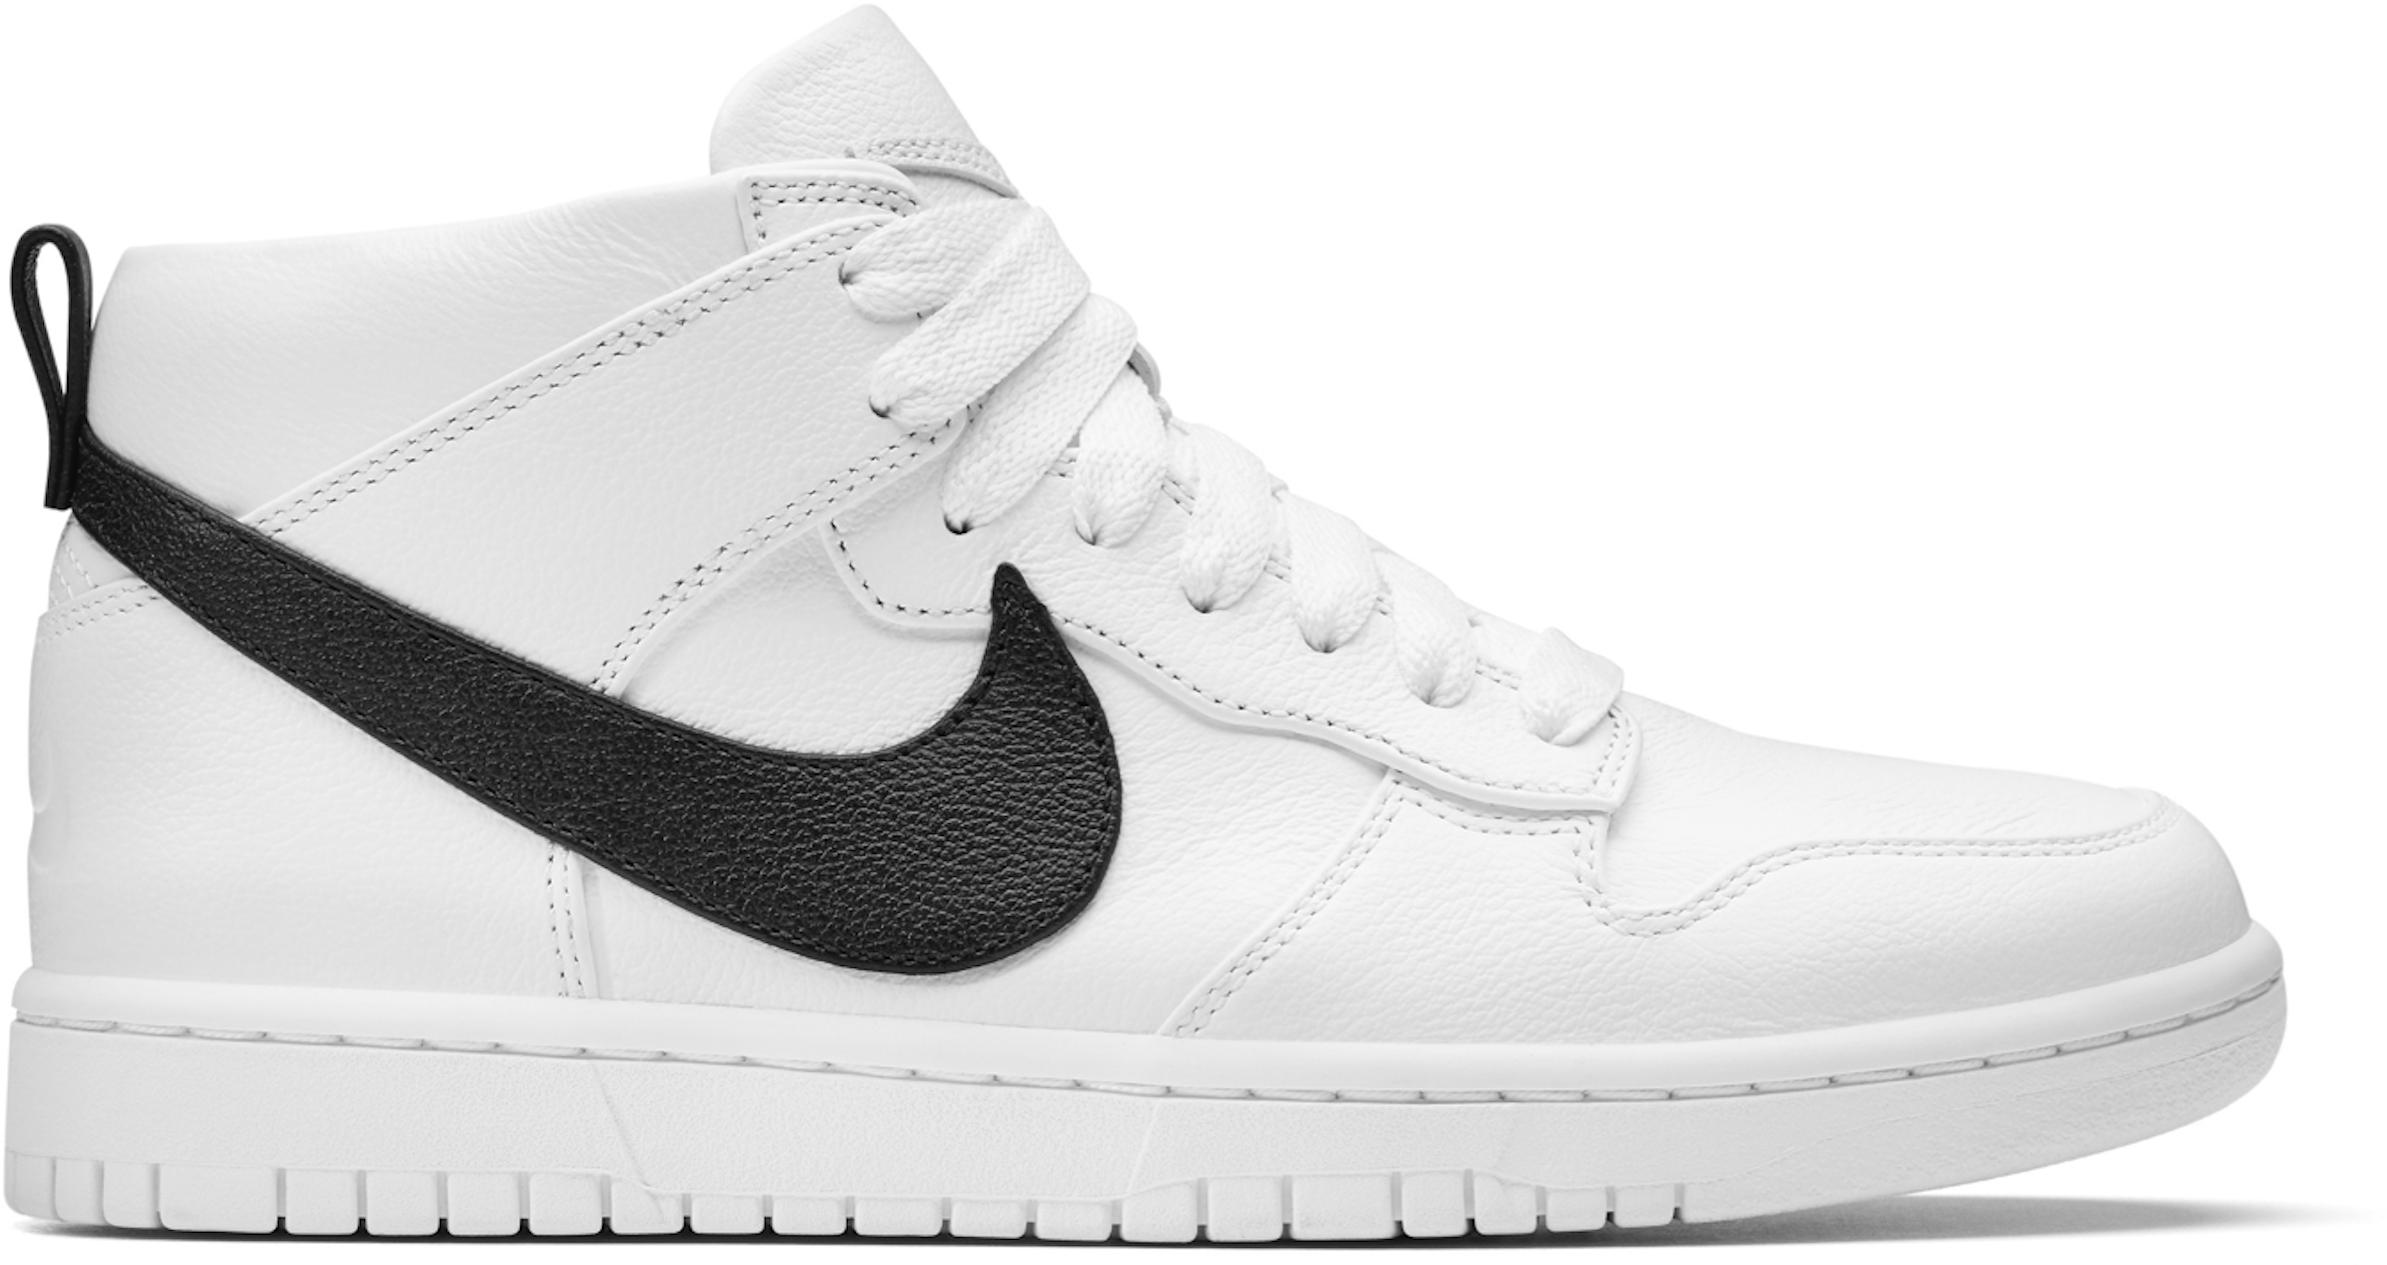 Nike Dunk Lux Chukka Riccardo Tisci White Black